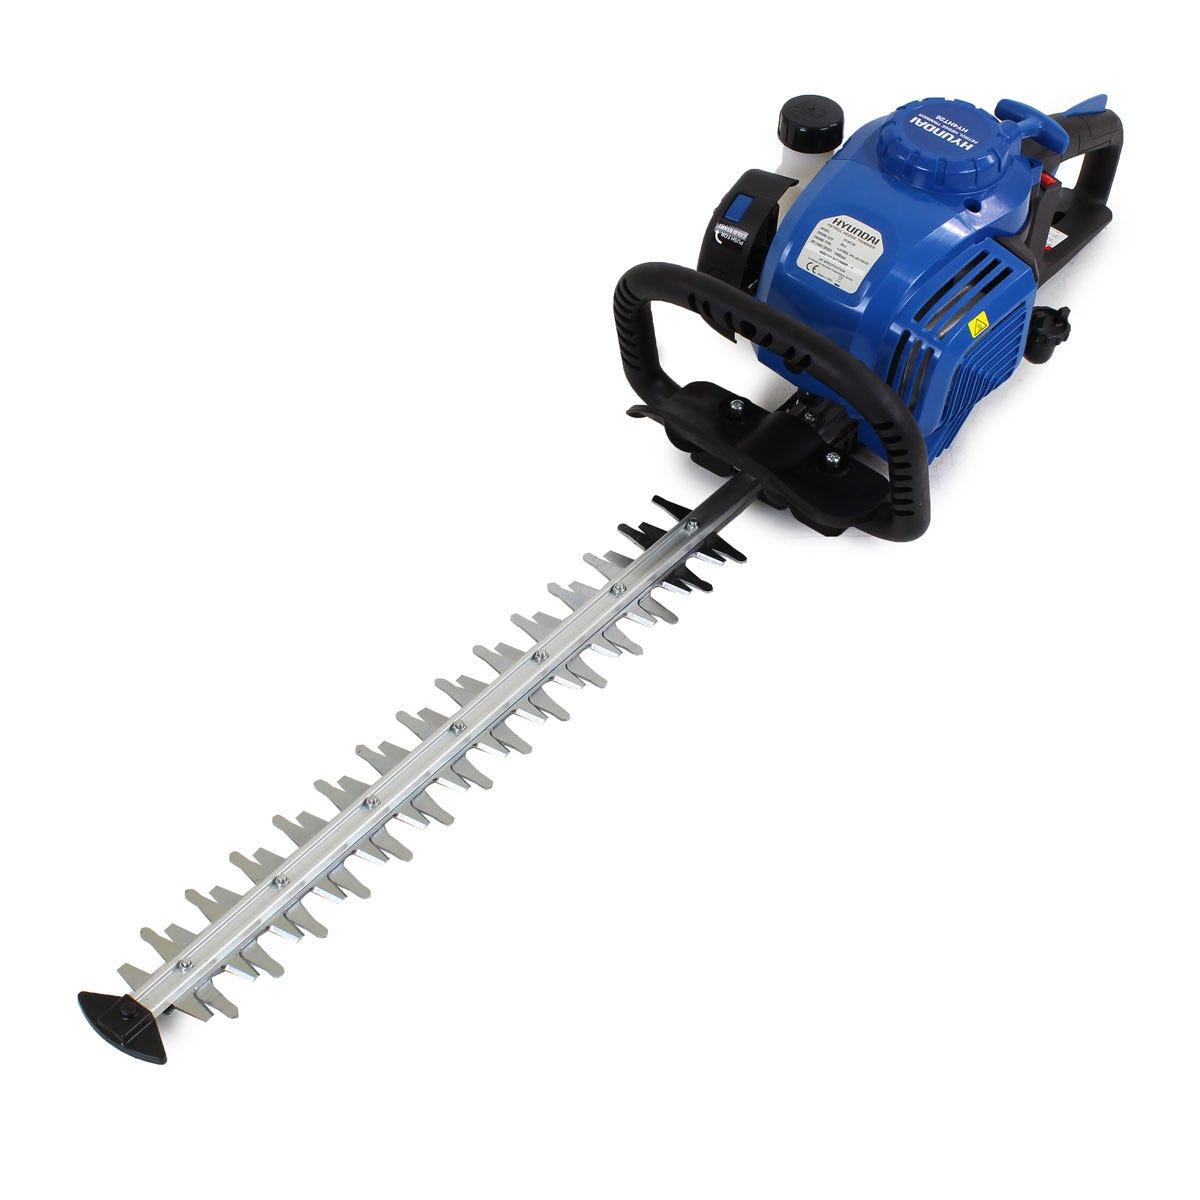 Hyundai HY4HT26 26cc 4-Stroke Petrol Hedge Trimmer/Cutter 51cm / 20inch Cutting Length